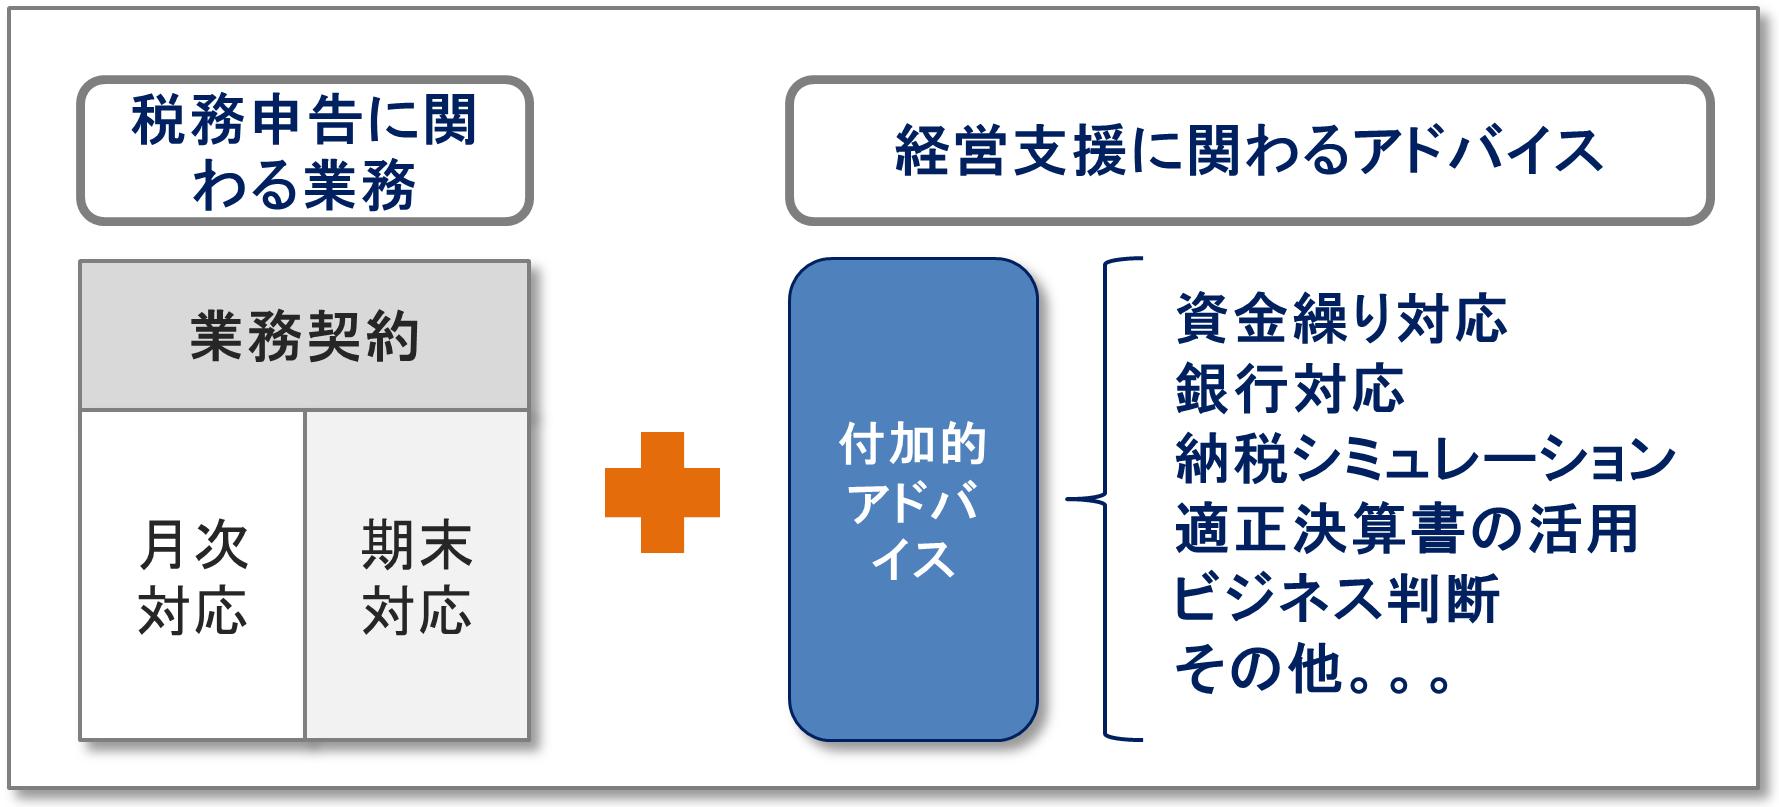 経営支援モデル